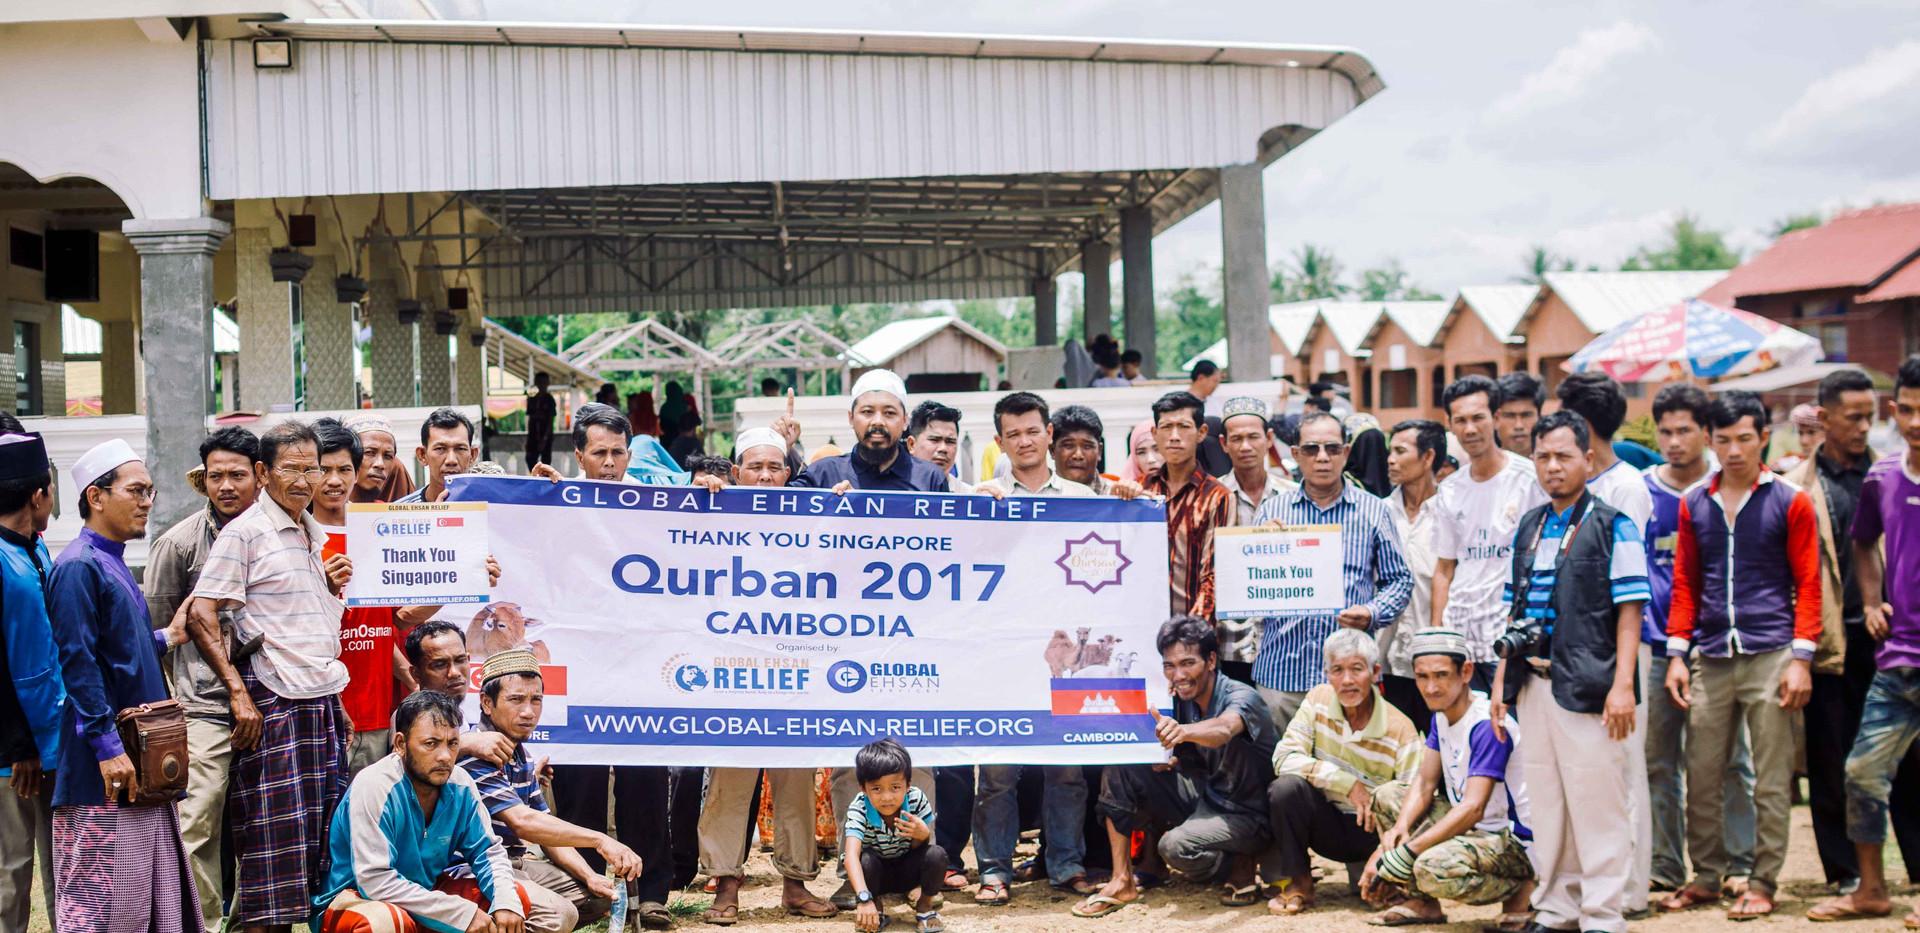 Qurban in Cambodia 2017